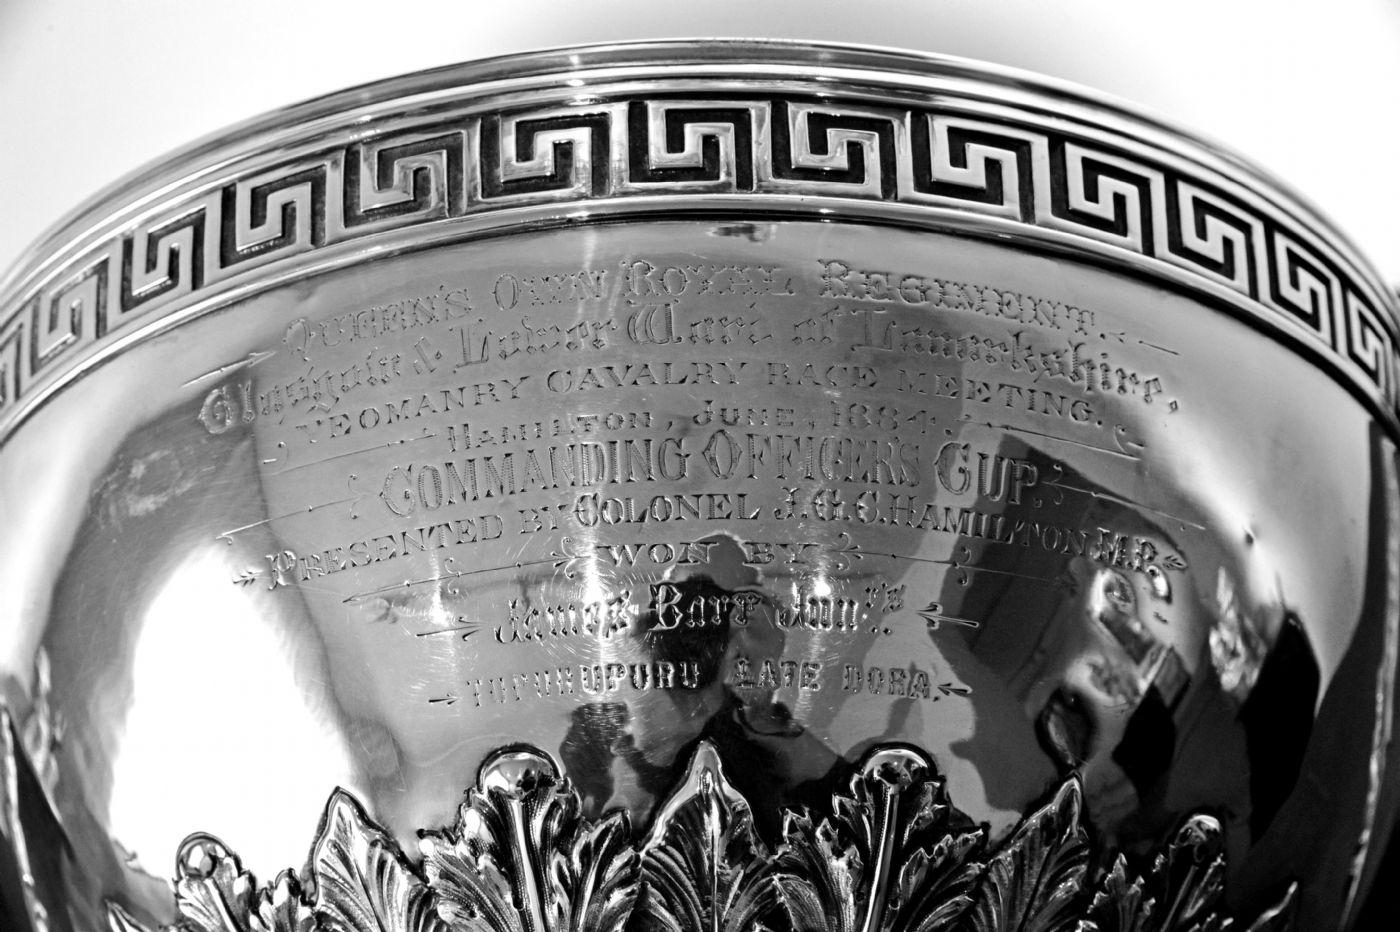 thumb4 Trofeo in argento inciso e datato 1884